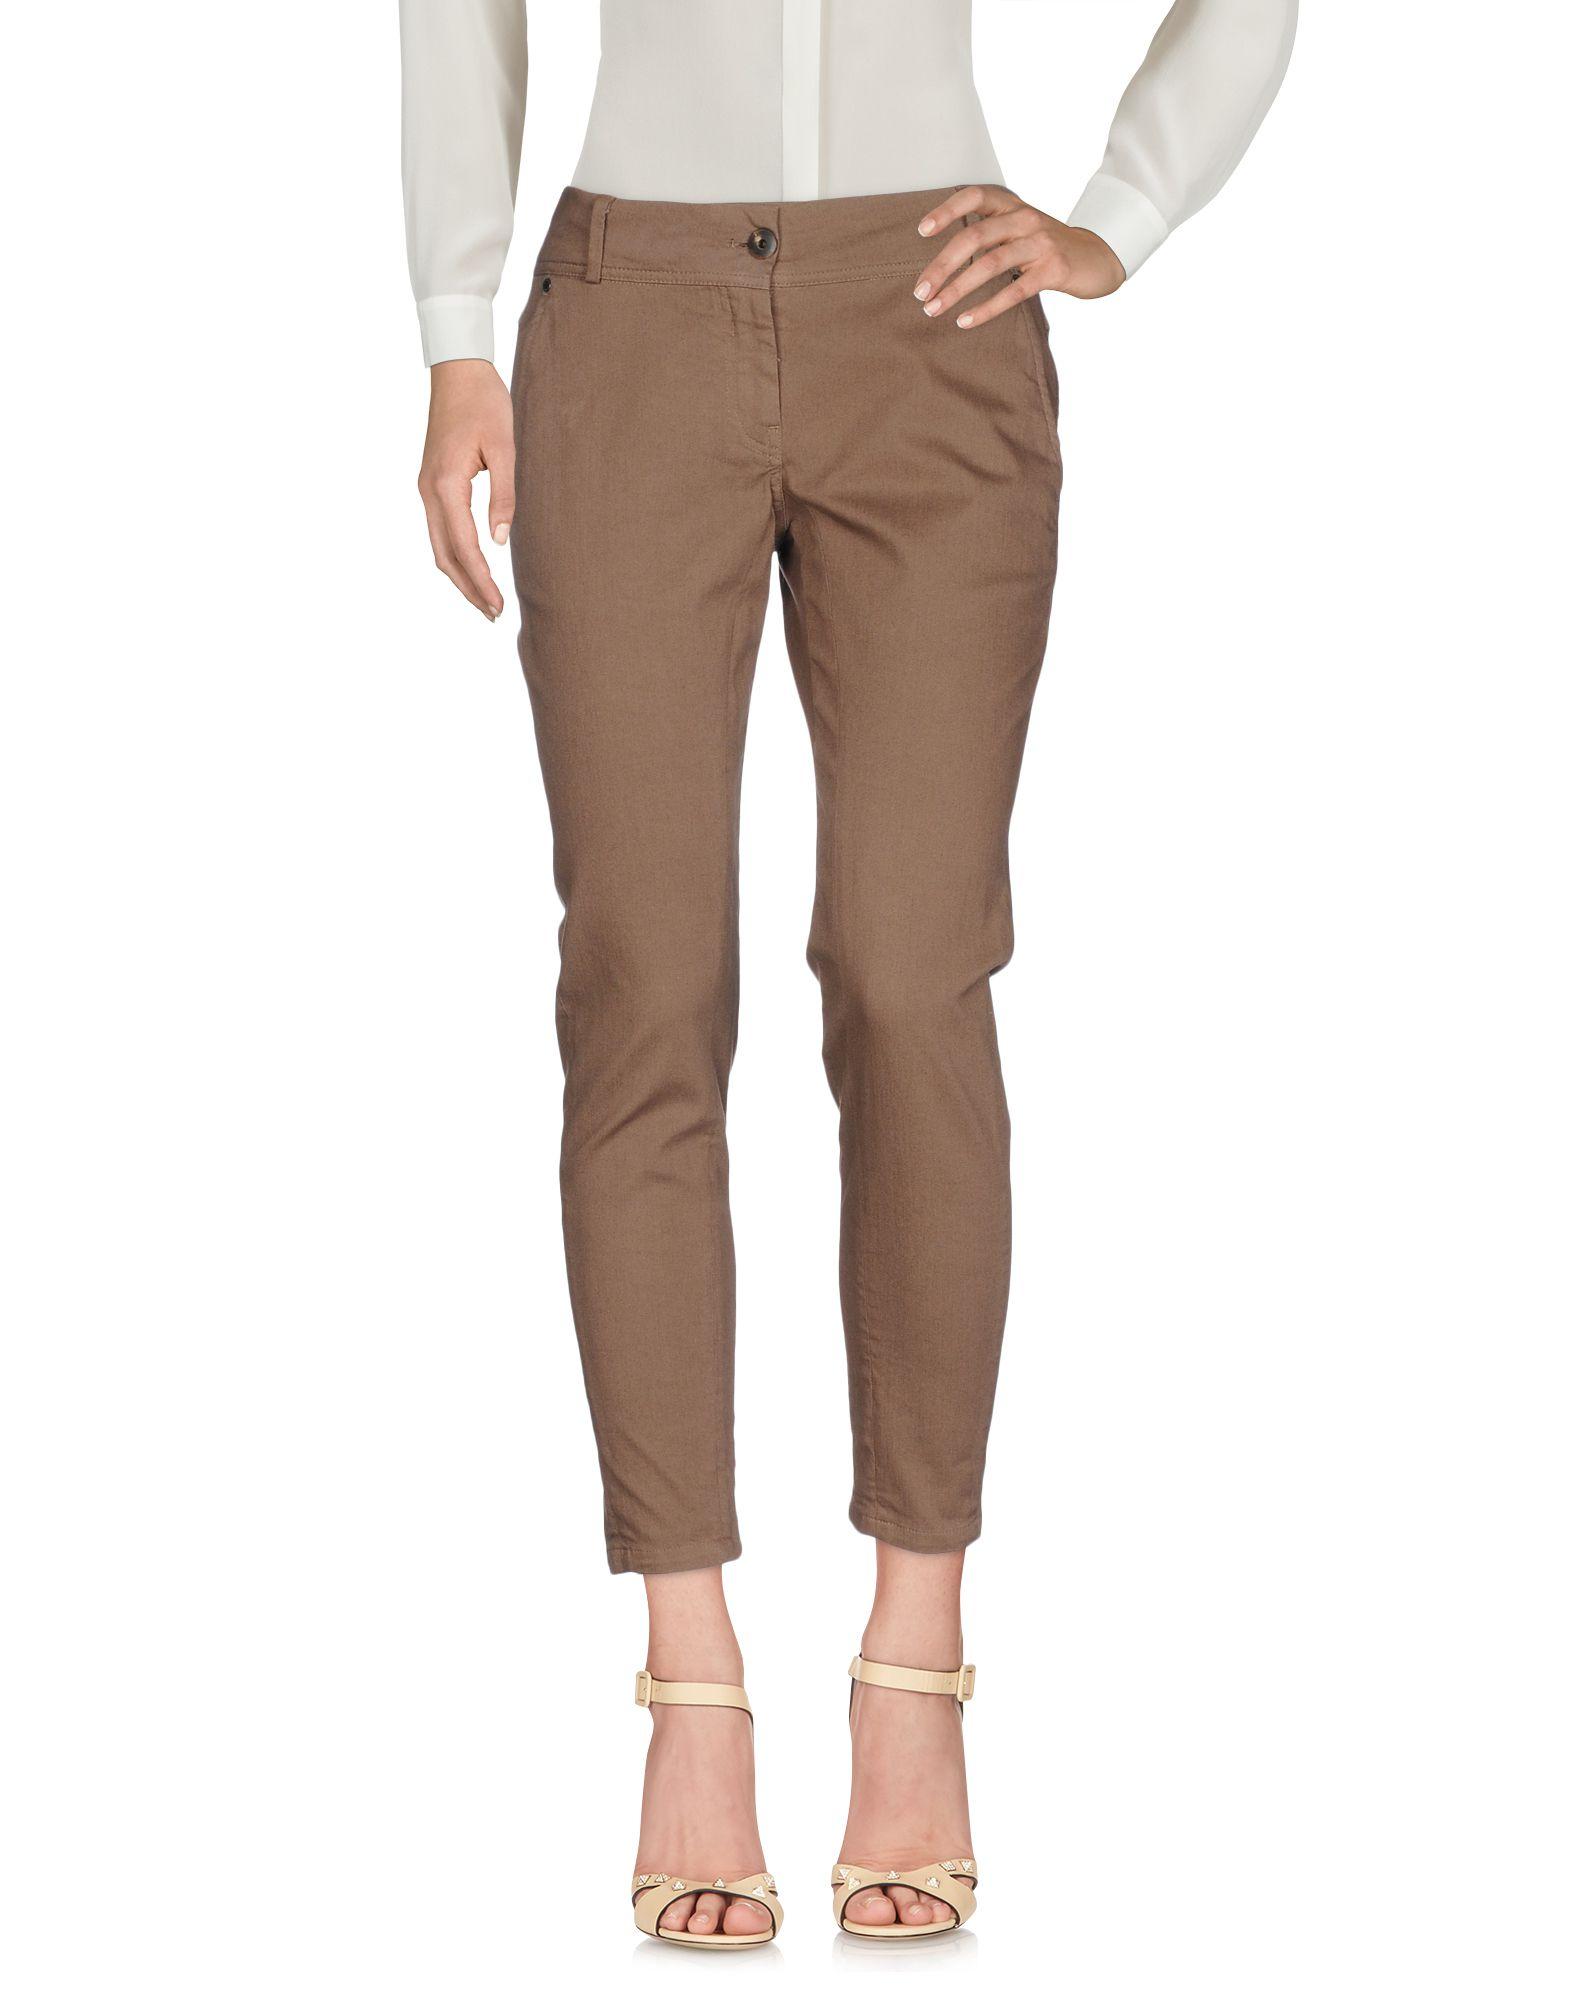 BRUNELLO CUCINELLI Damen Hose Farbe Braun Größe 4 jetztbilligerkaufen